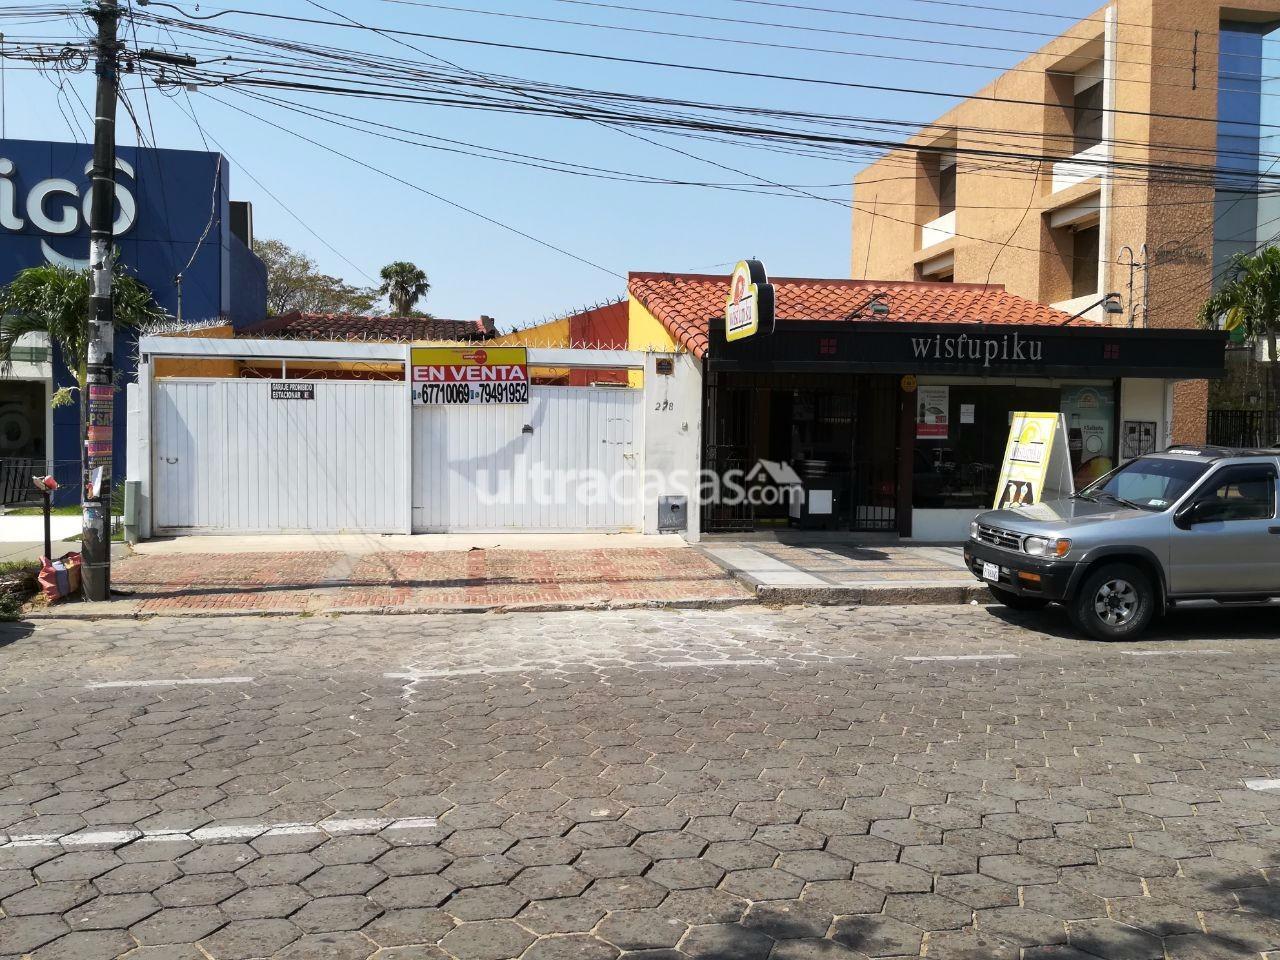 Casa en Venta Sobre la Avenida Pirai entre 2do. y 3er anillo No. 278 Foto 1